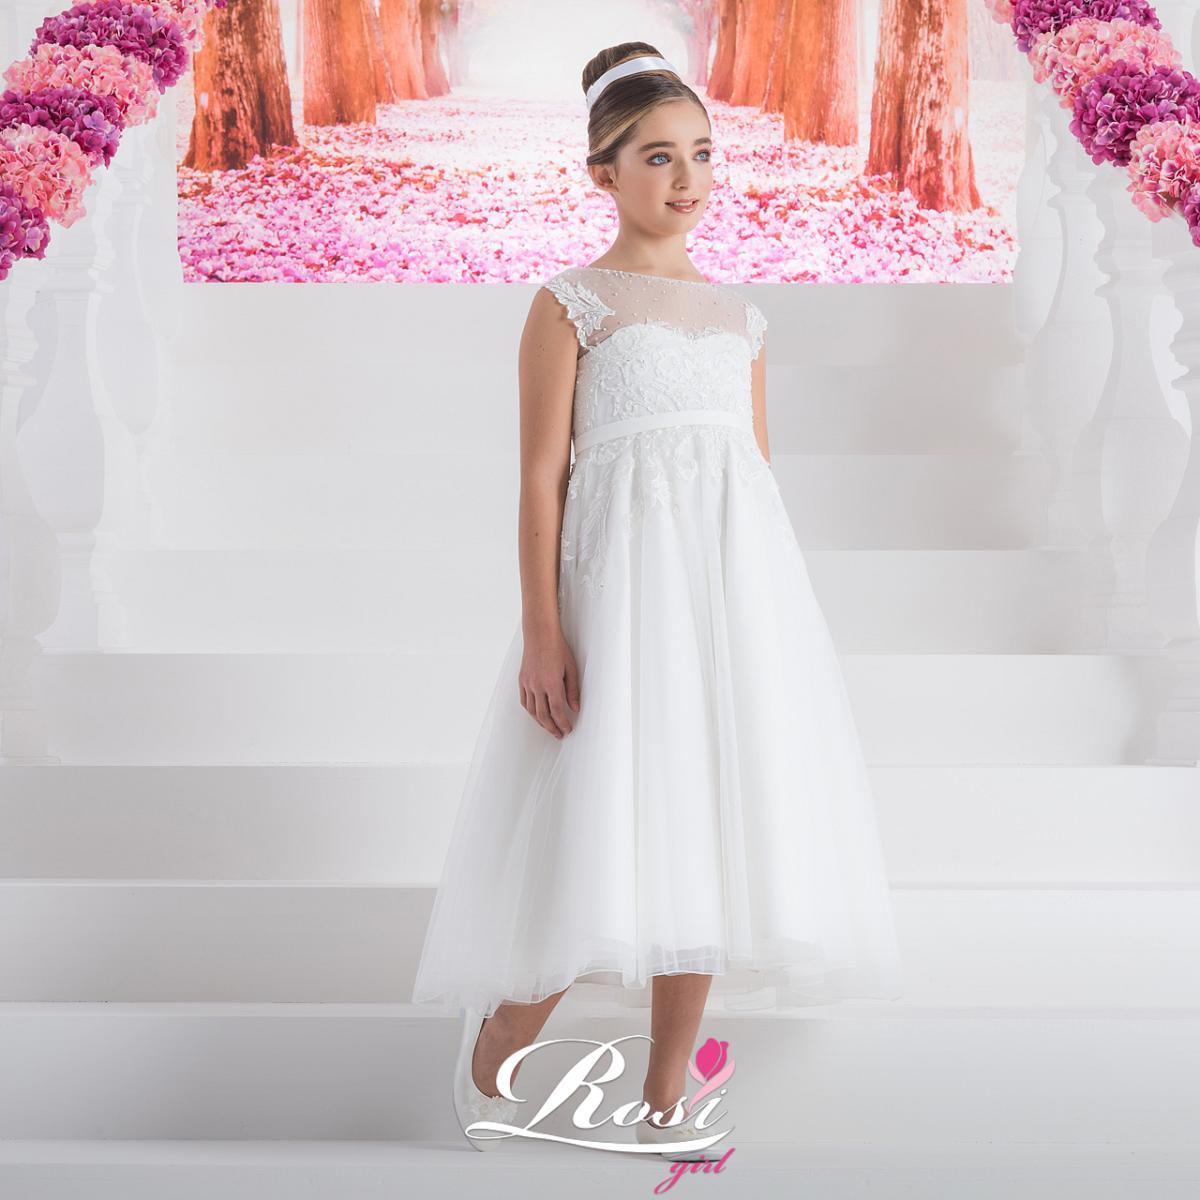 celli-spose-collezione-bambini-2019-rosi-girl-E7-F0902